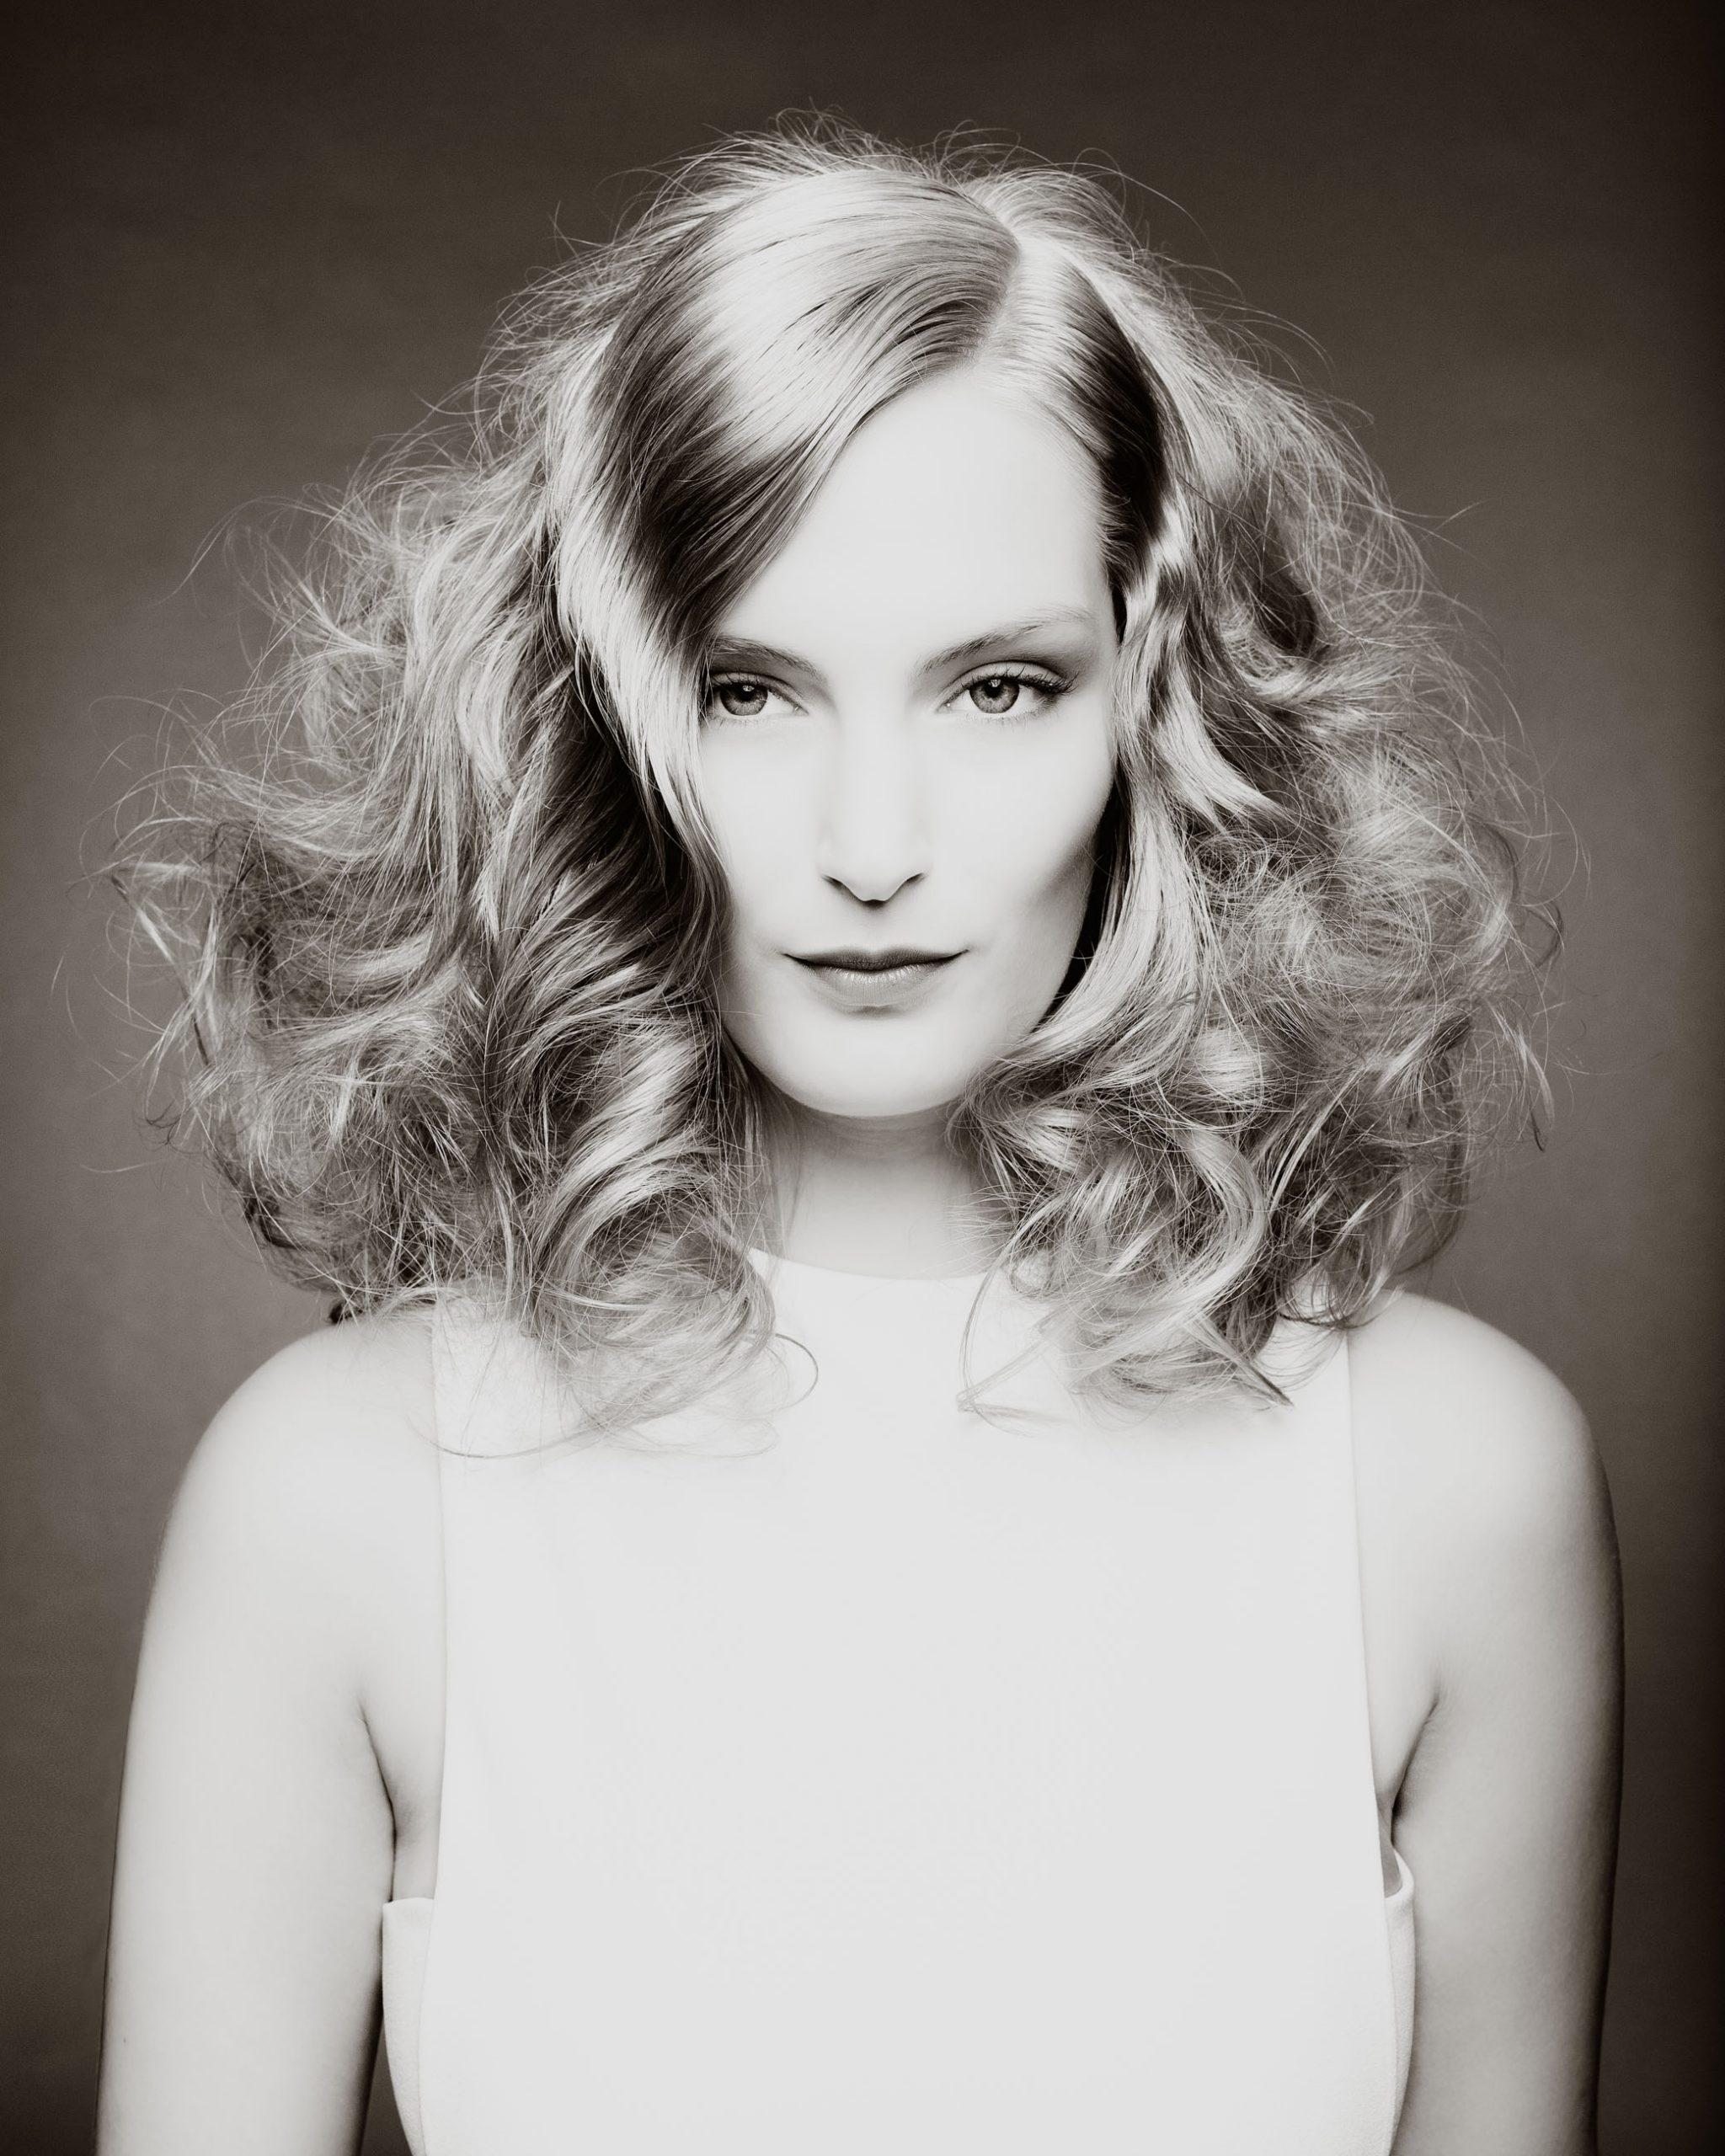 Portrait Blonde Frau mit lockigen Haaren und hellem Makeup vor grauem Hintergrund Schwarz Weiß Sven Vogel Photograph Fotograf